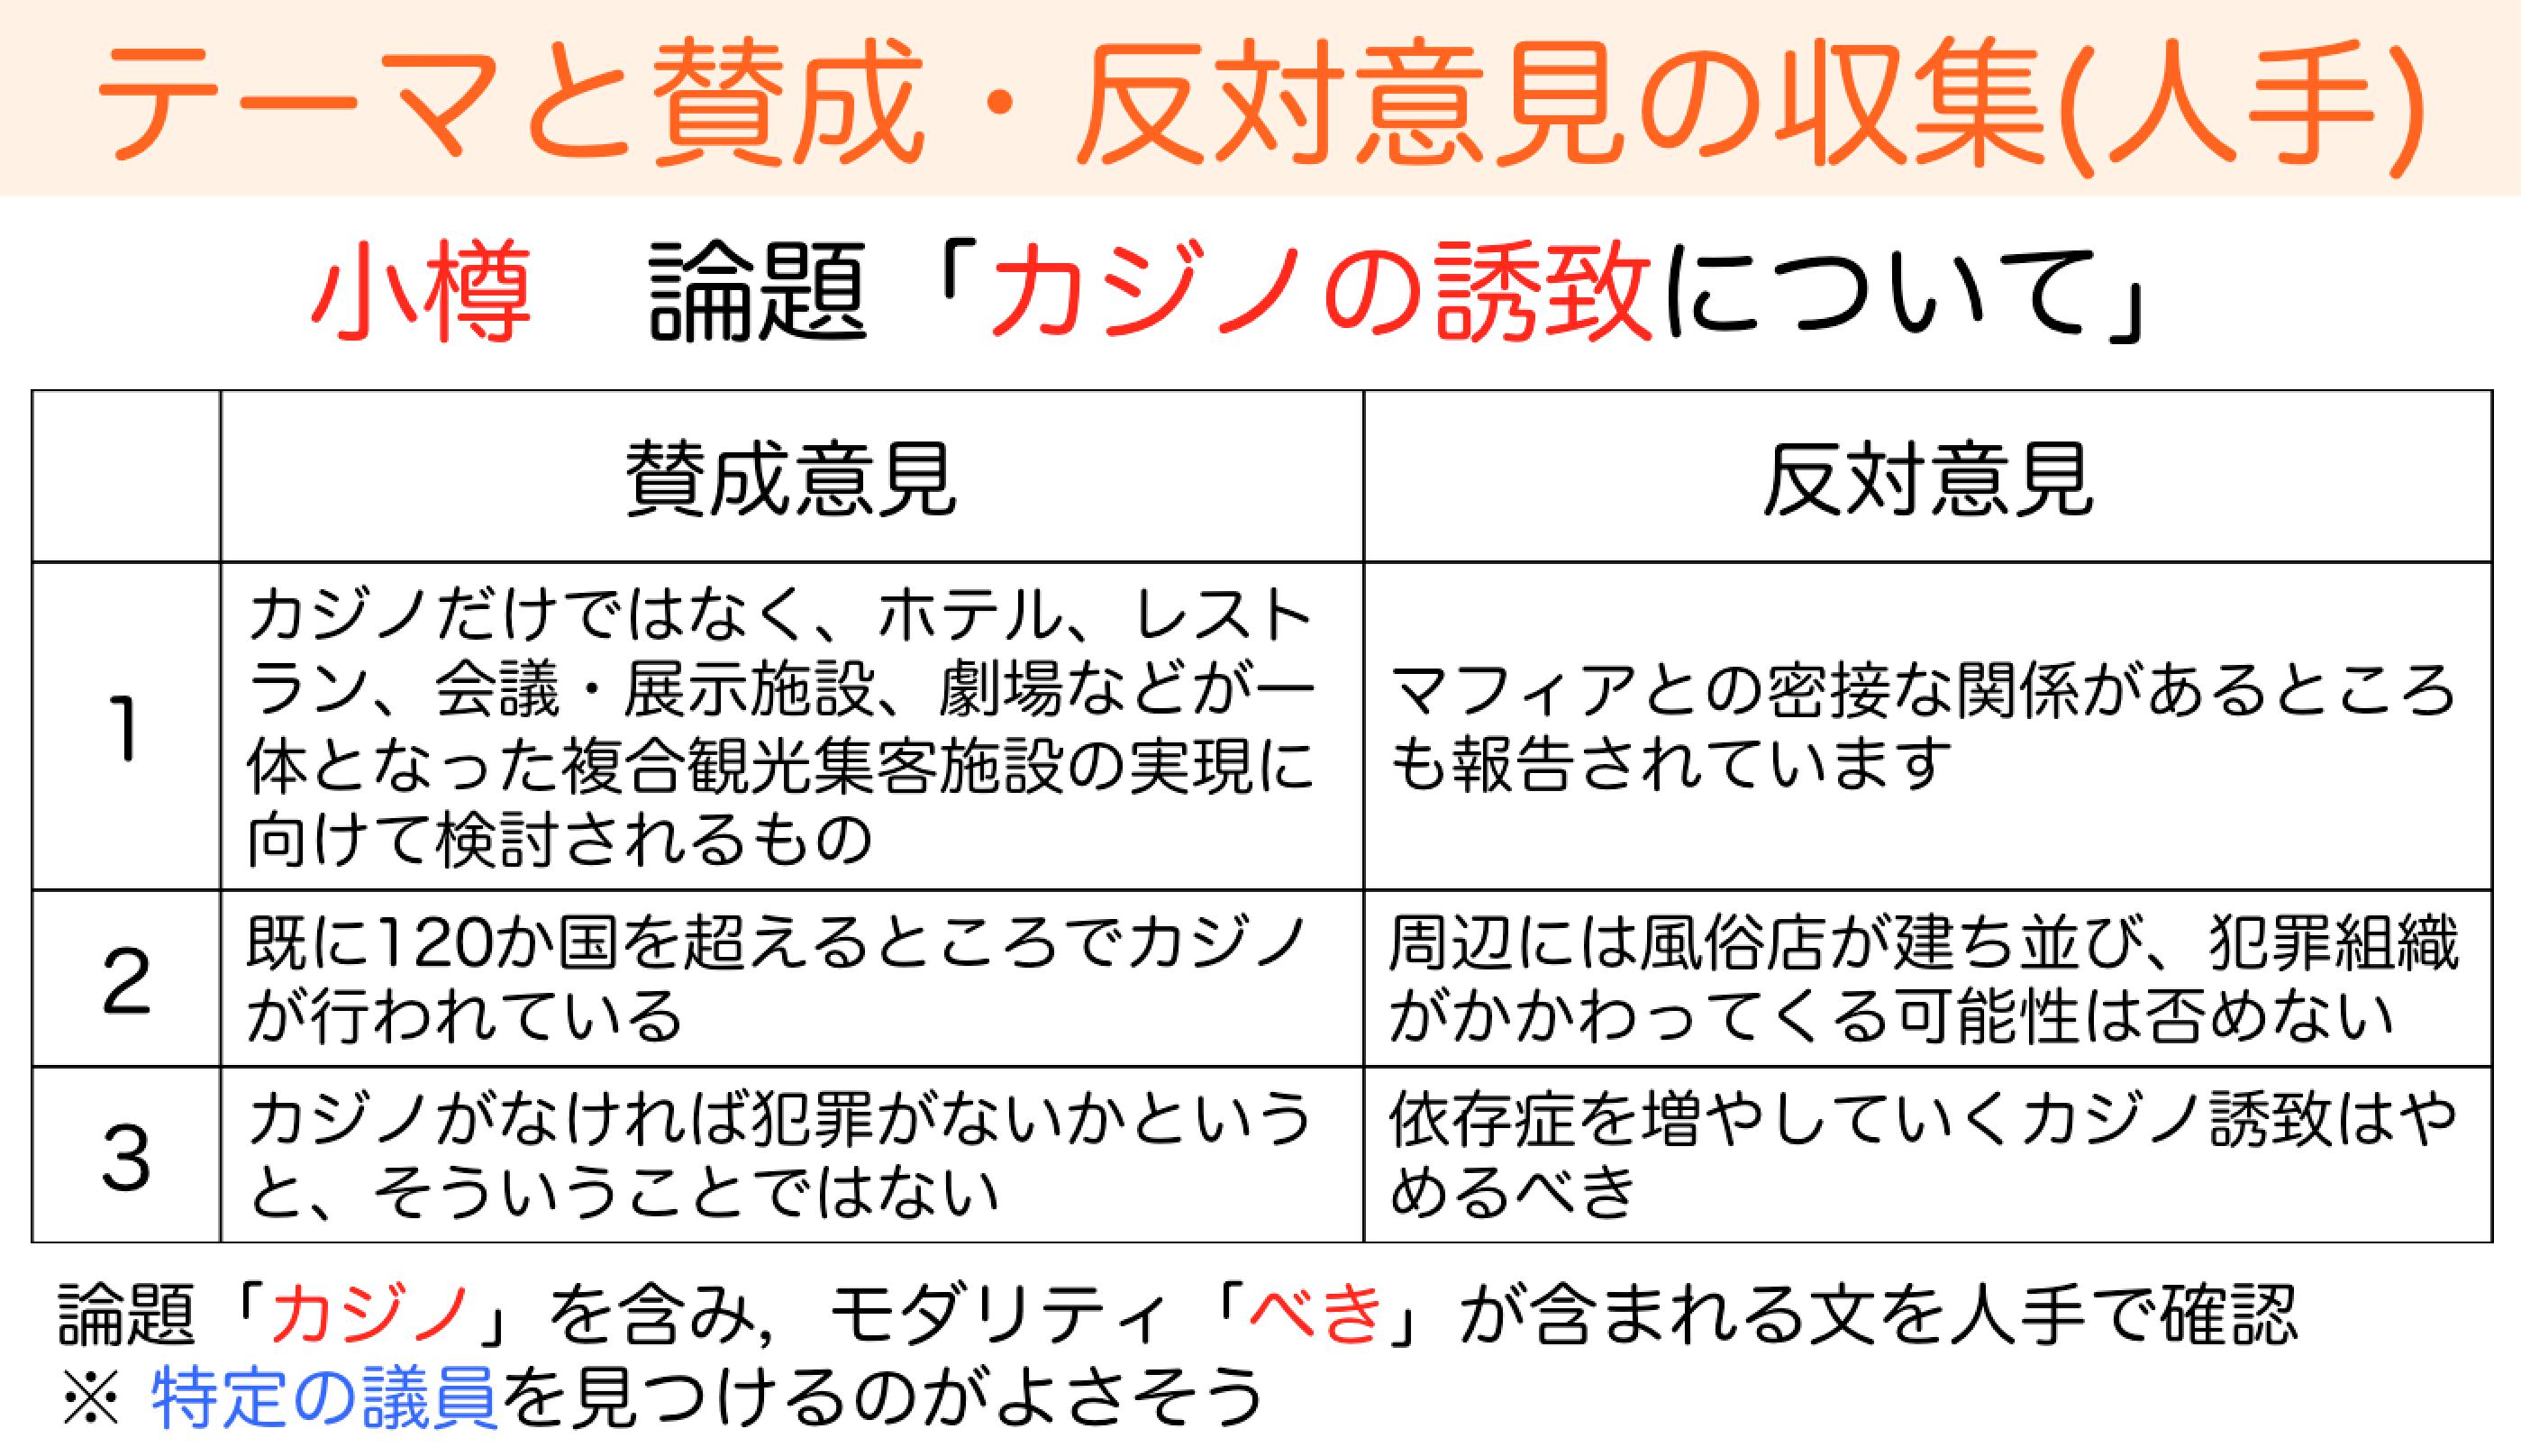 kimura-2012-slide-01